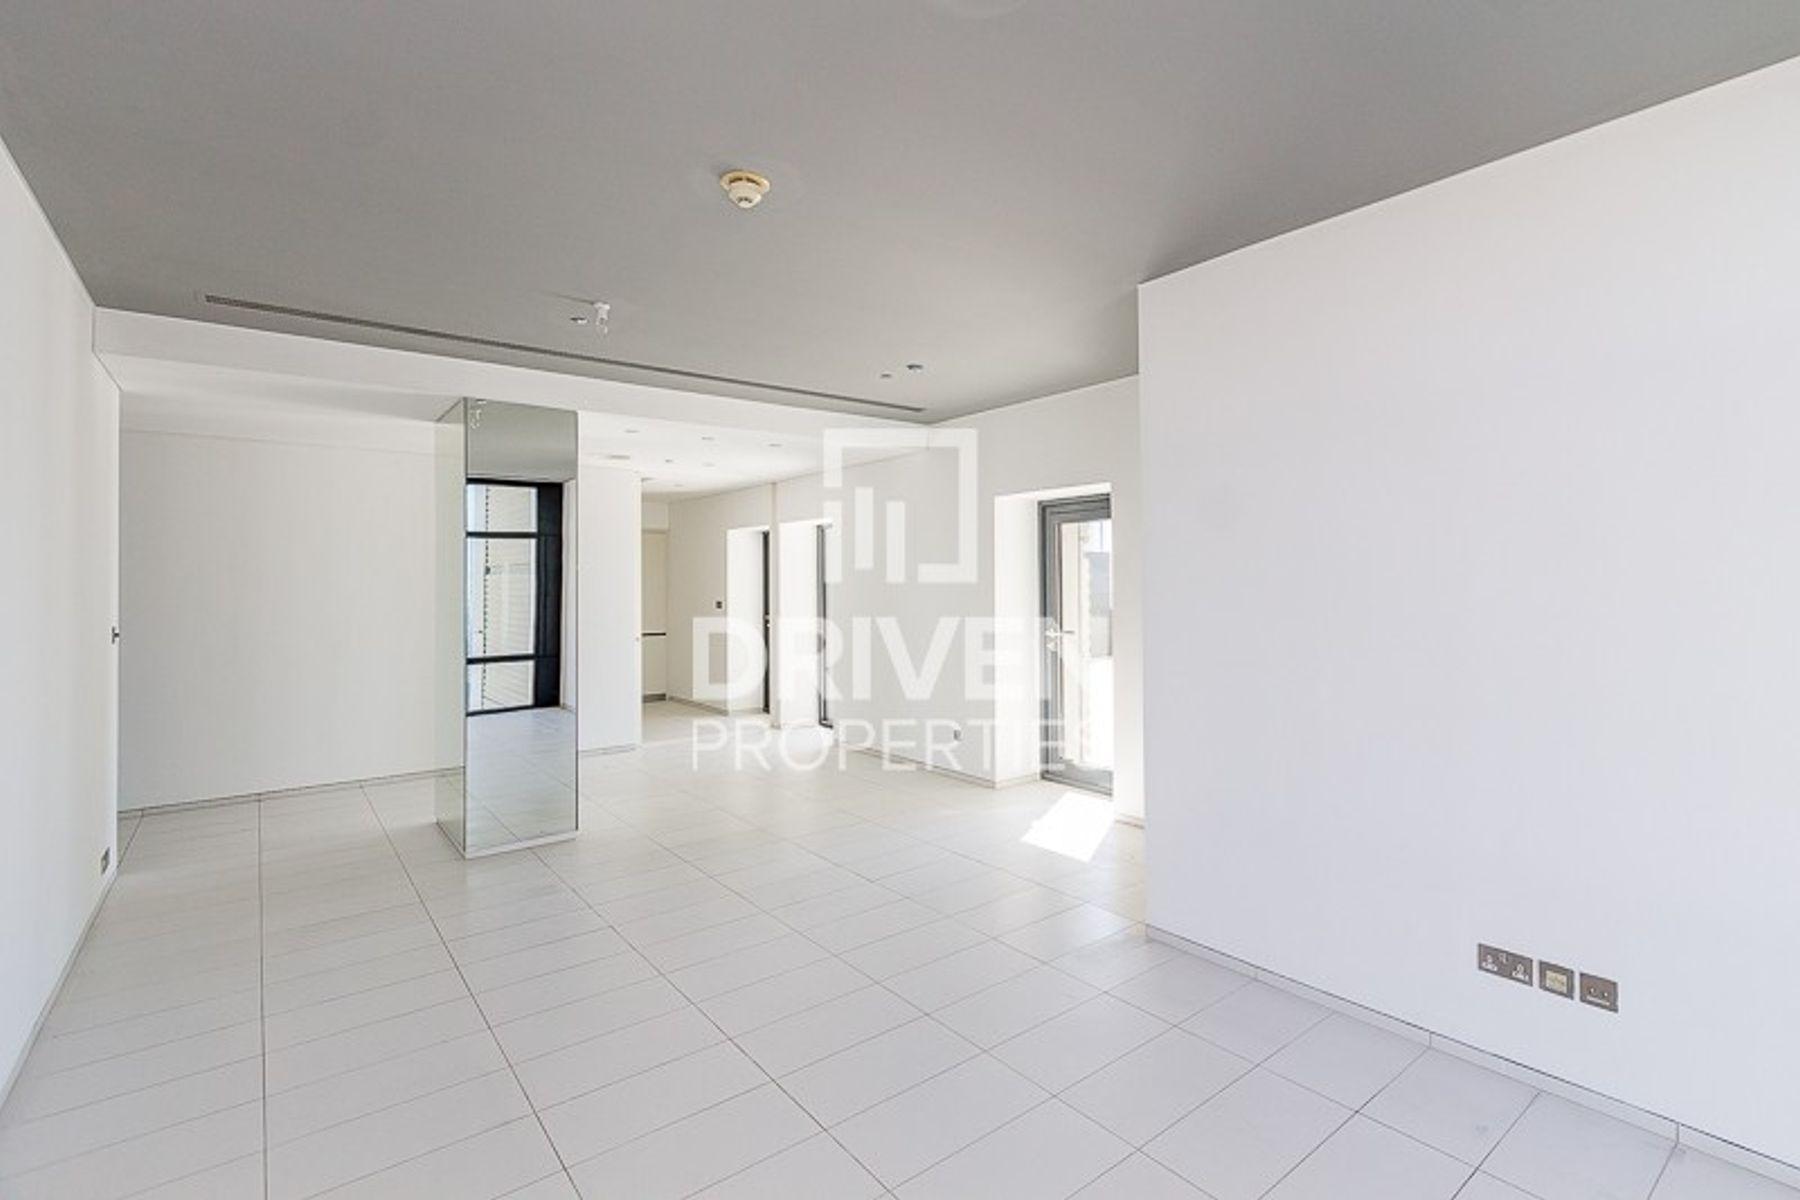 للبيع - شقة - برج إندكس - مركز دبي المالي العالمي